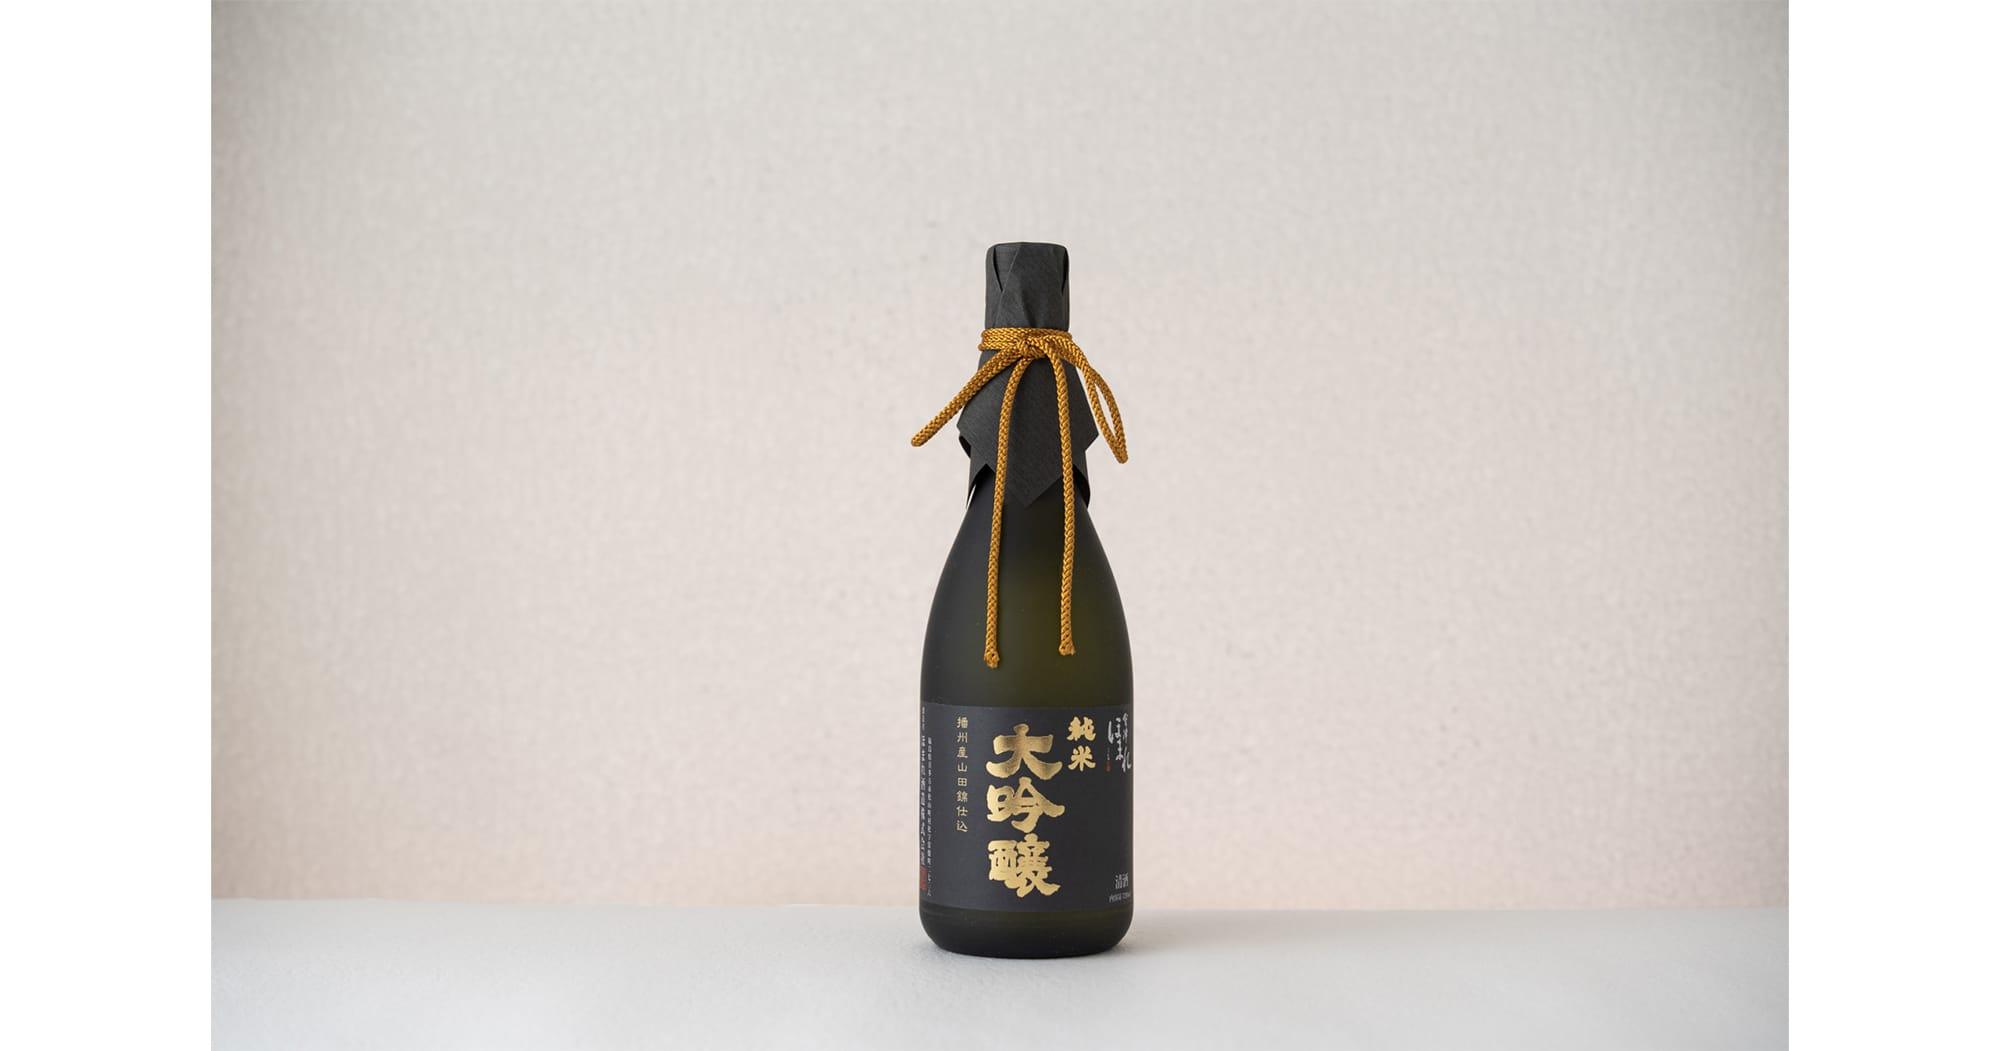 「播州産山田錦仕込 純米大吟醸酒」720ml 3,500円(税抜)